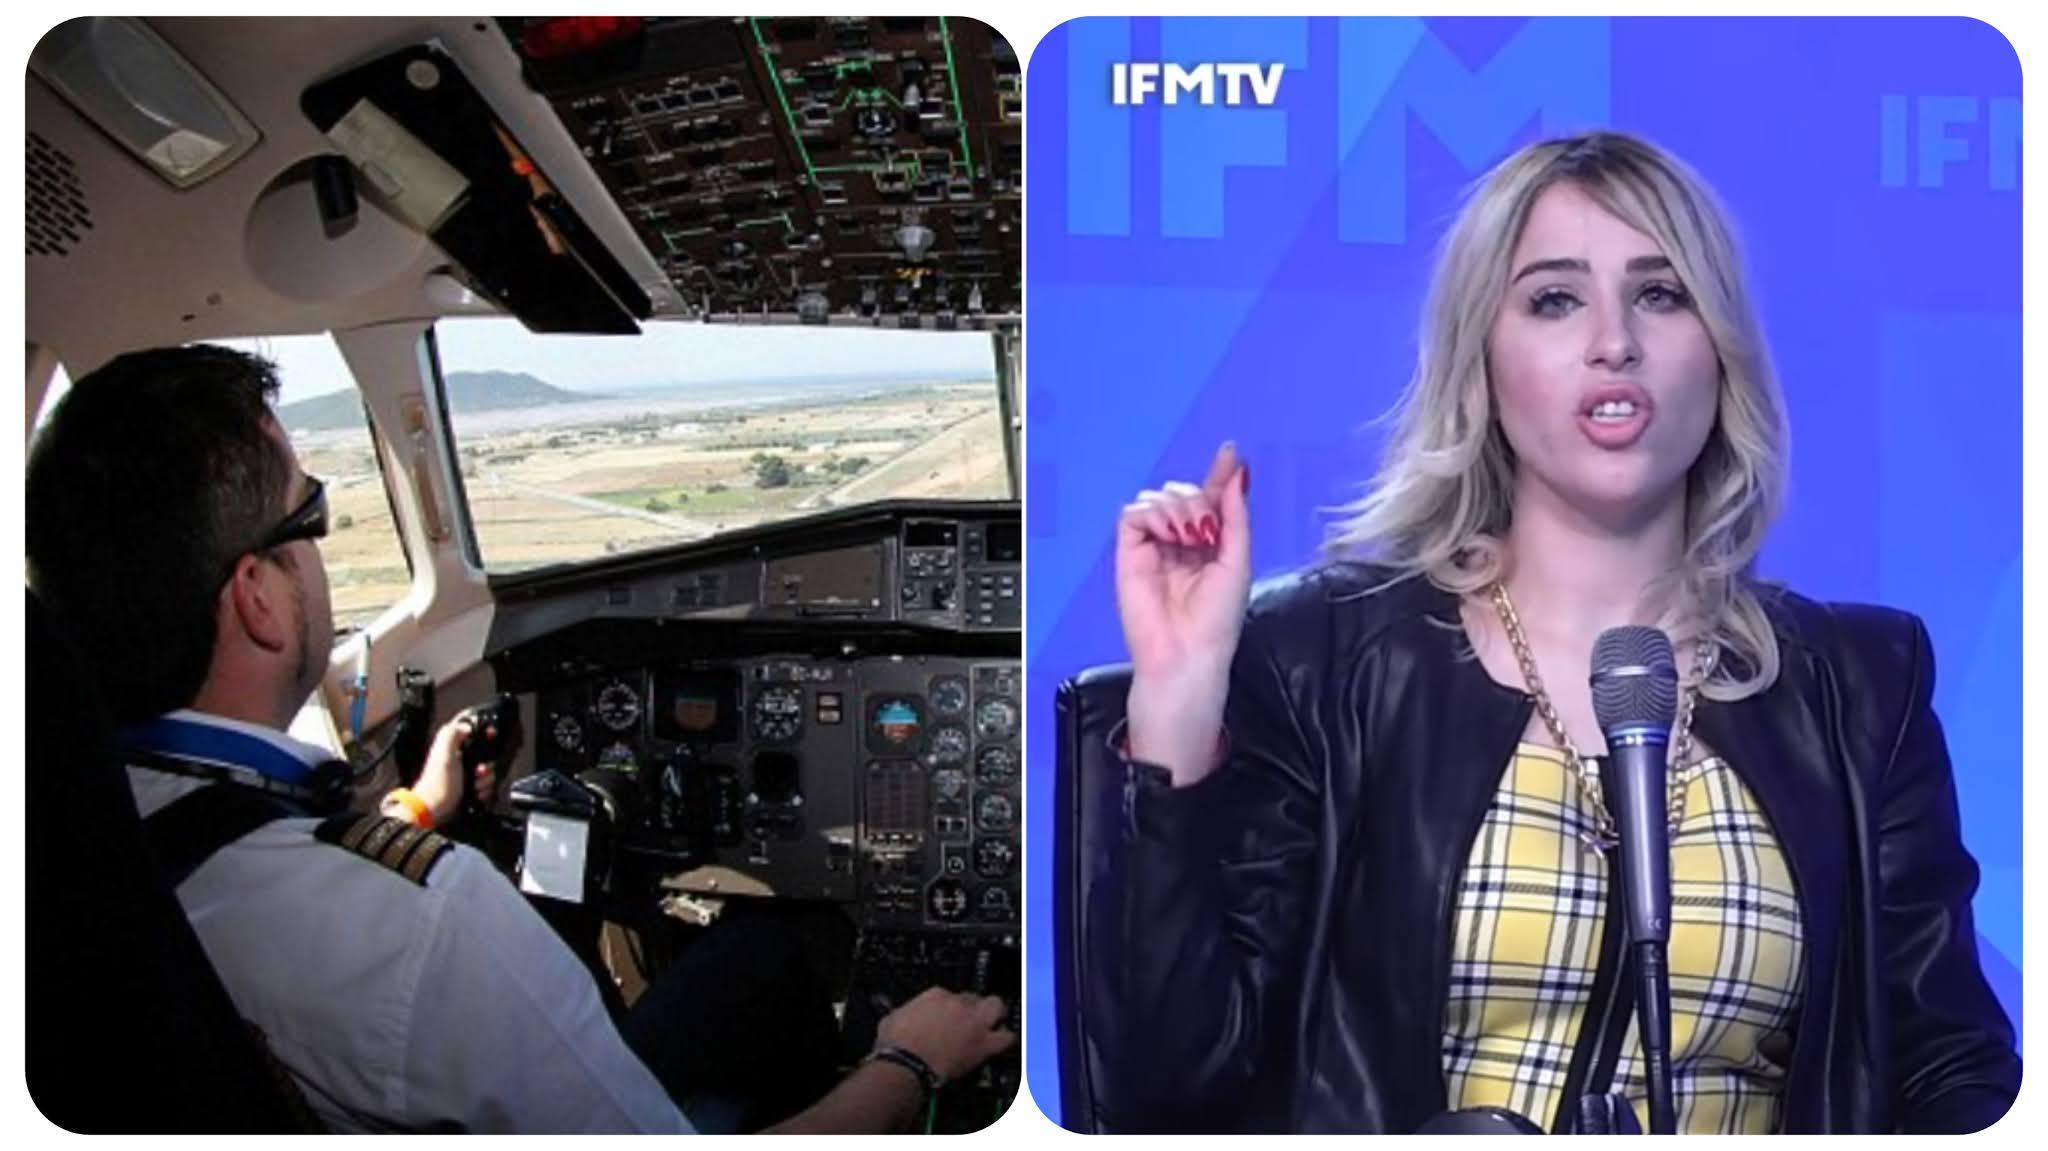 """بالفيديو نرمين صفر : خطيبي كان """"pilote""""  و بطلت منو على خاطر ماهوش من مستوى متاعي؟"""